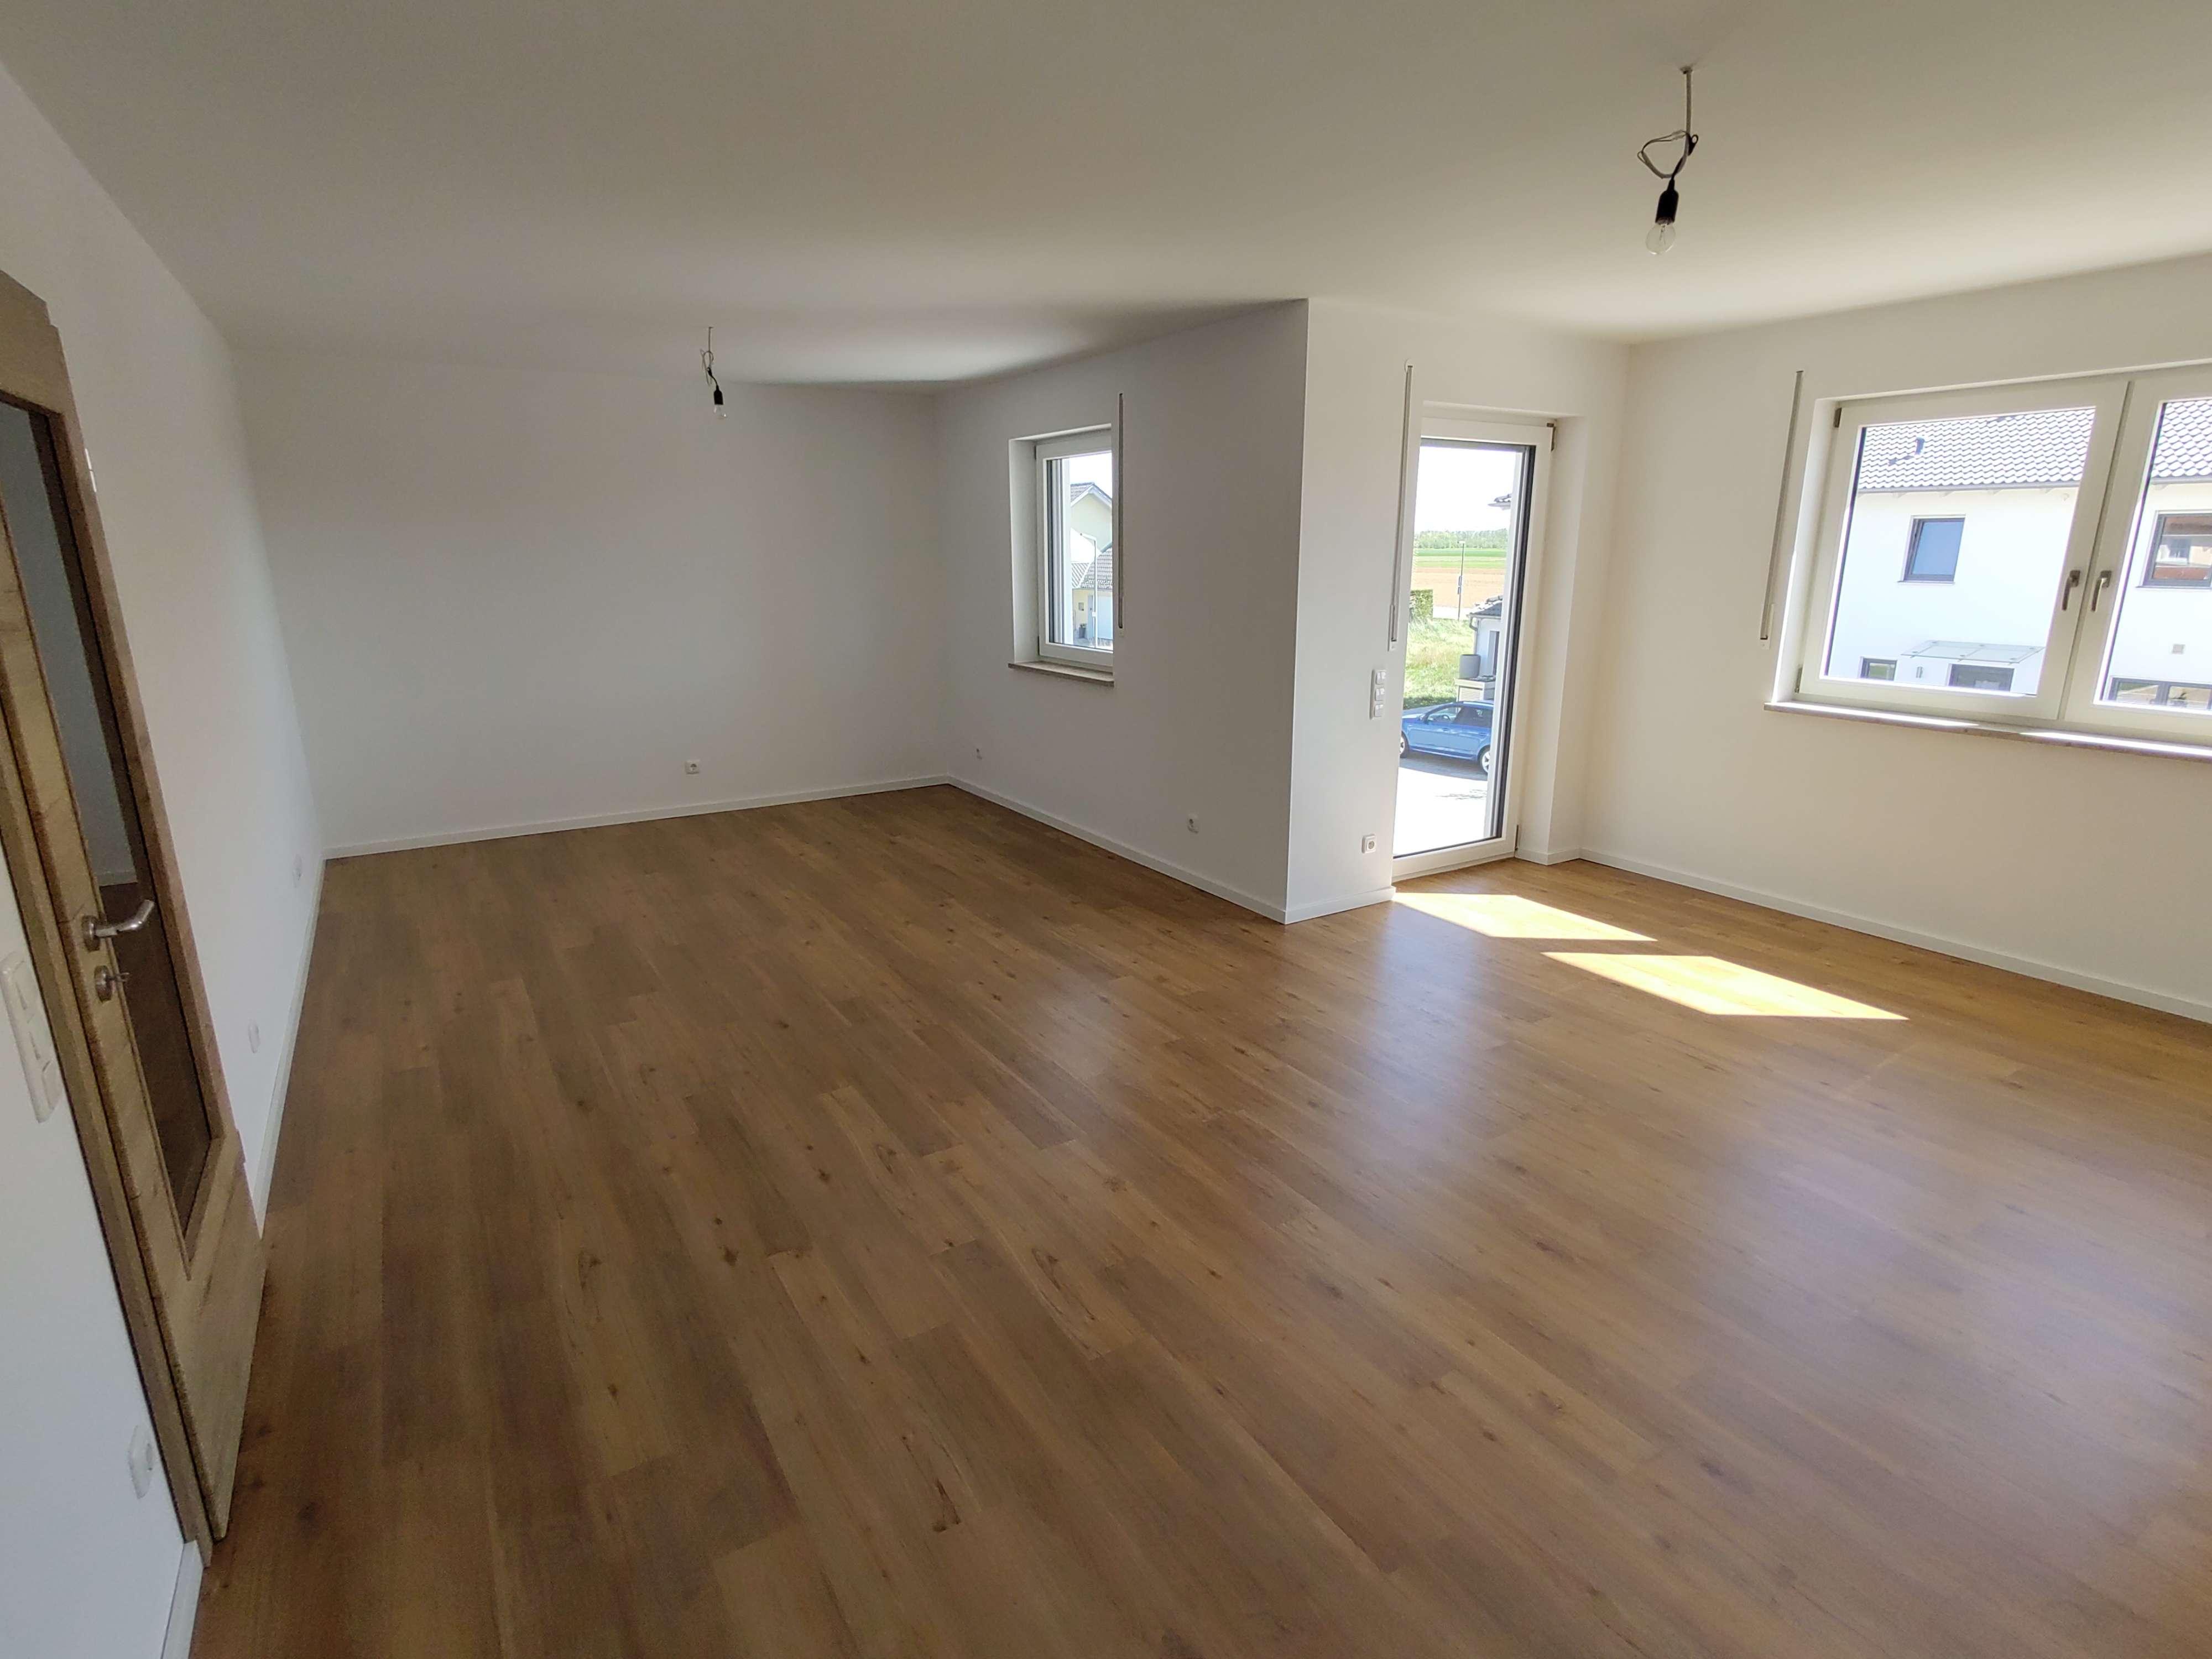 3-Zimmer-Wohnung 1. OG - frei ab 01.04.2021 in